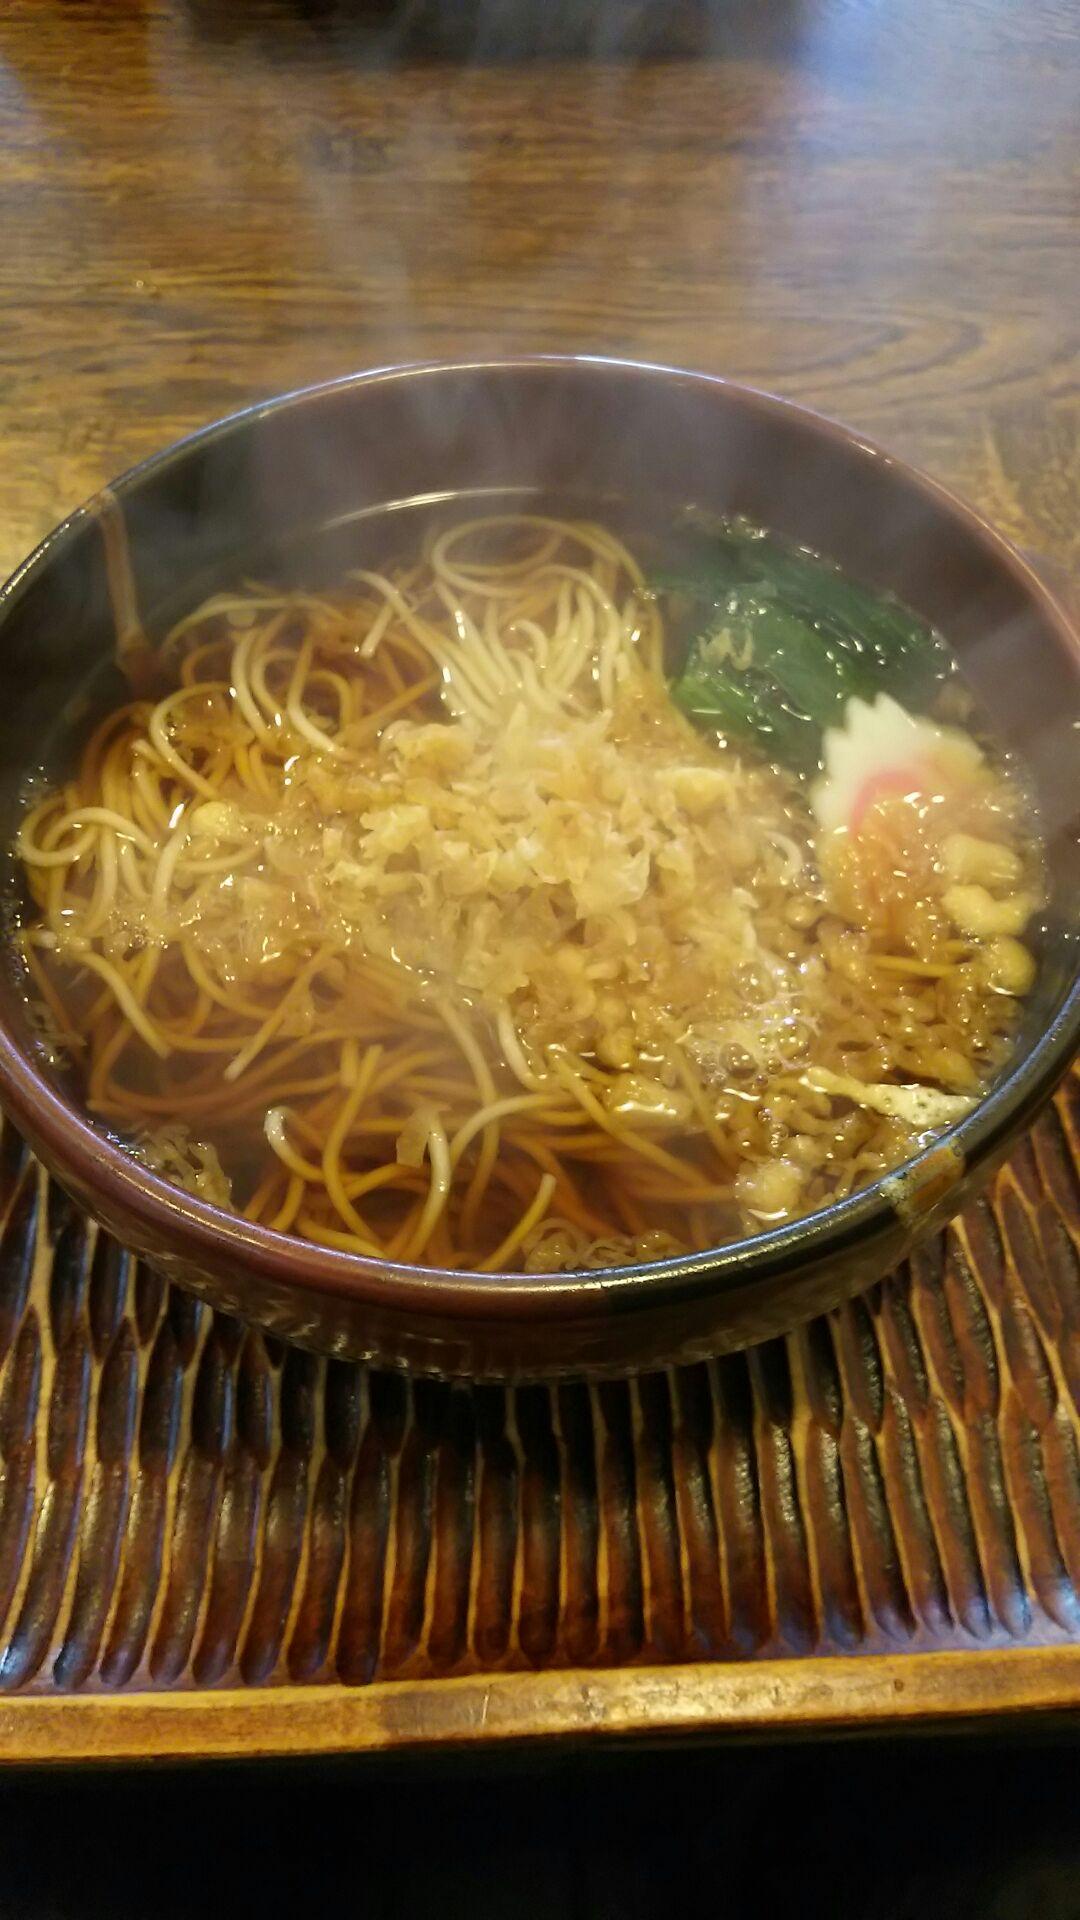 たけしのたぬき蕎麦日記2016 vol.9 小岩 「松月庵」